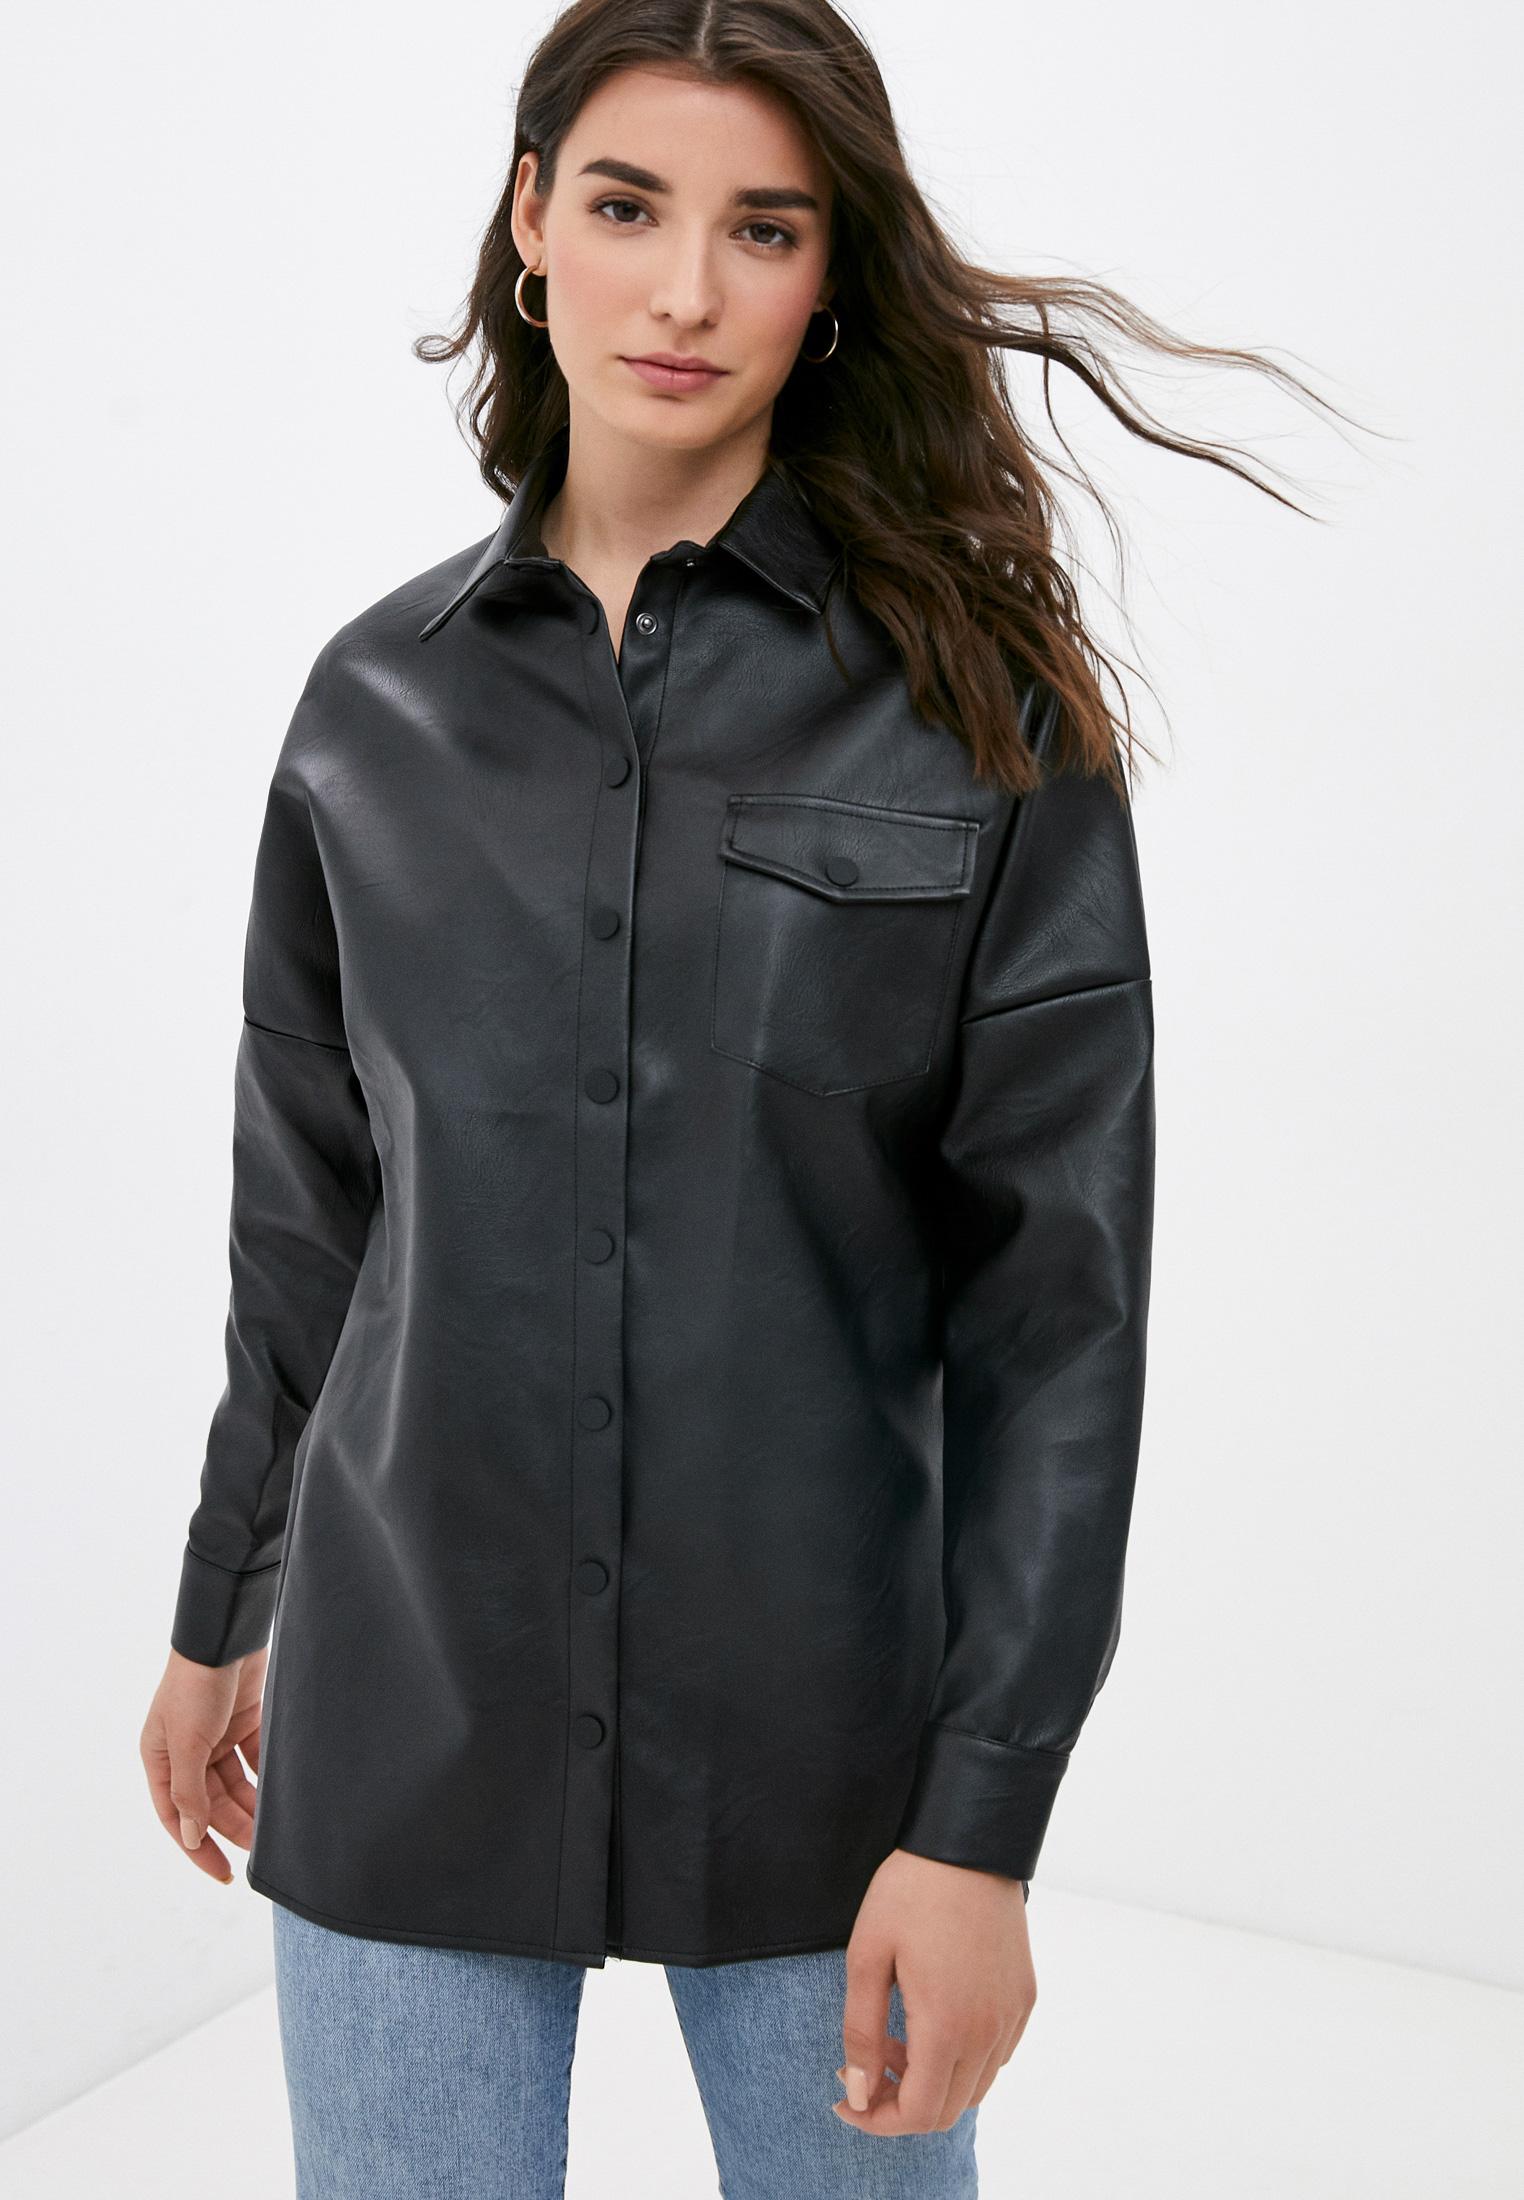 Женские рубашки с длинным рукавом MISSGUIDED Рубашка Missguided